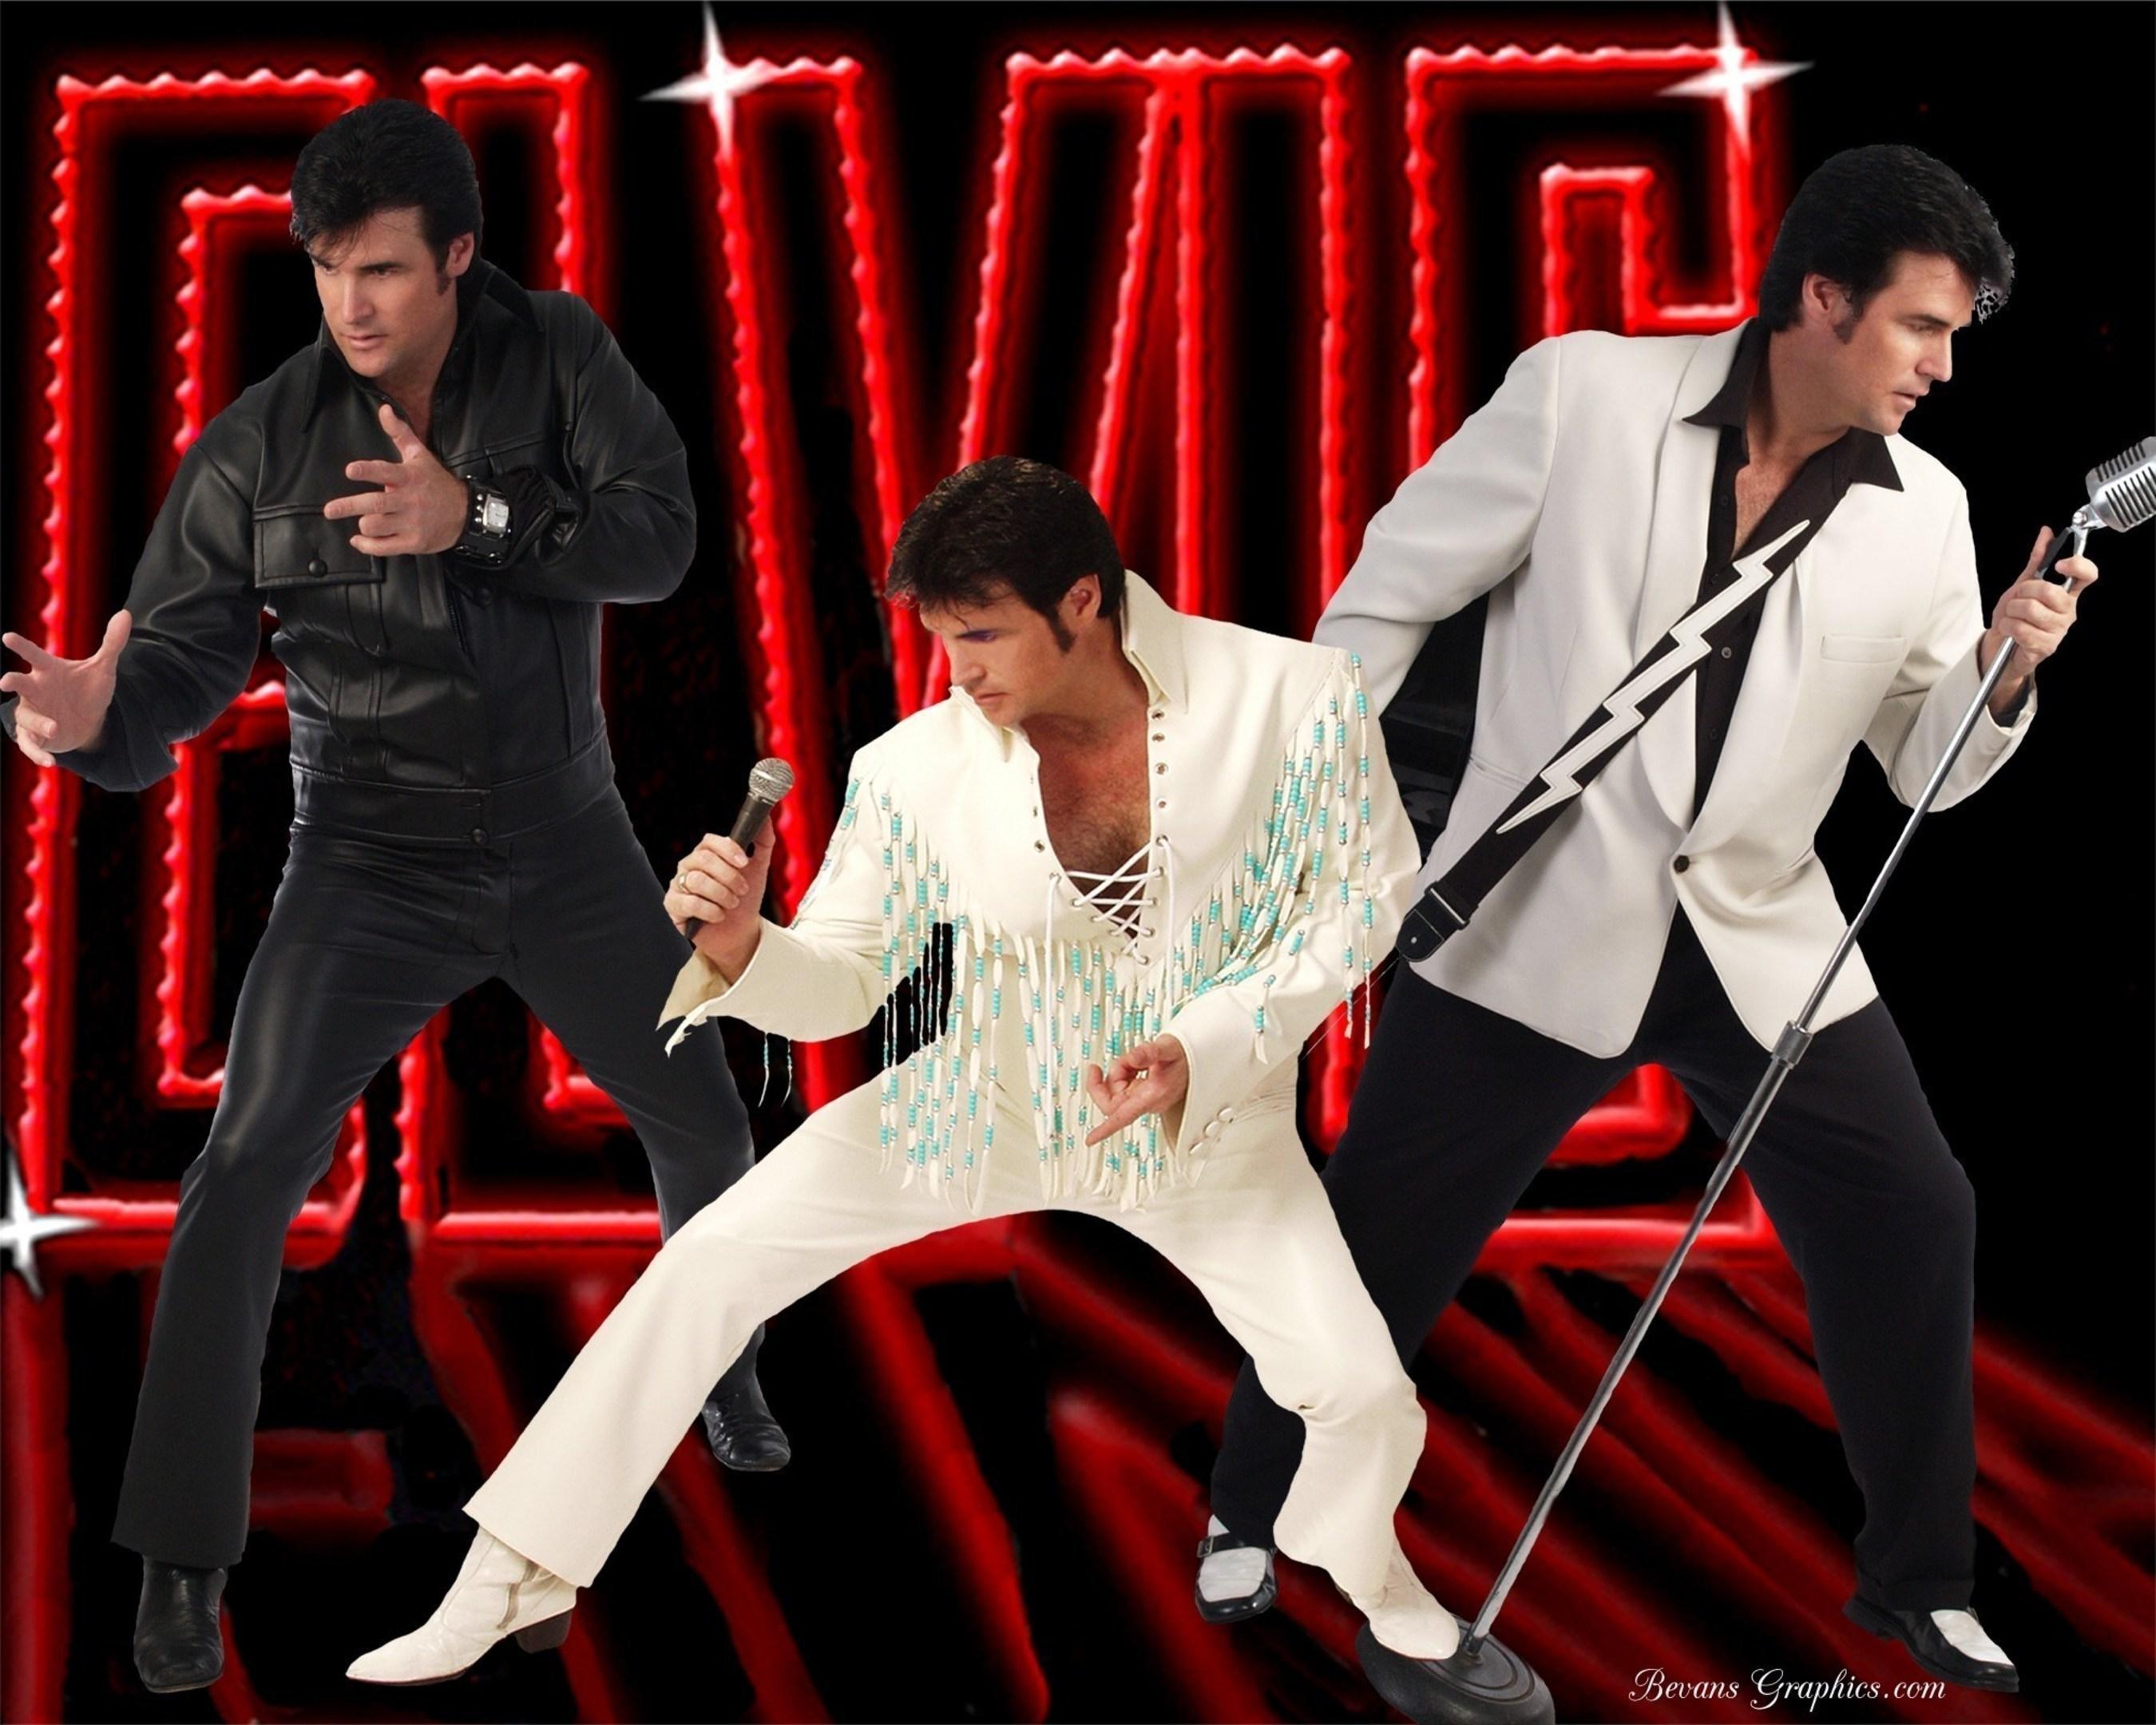 Chris MacDonald's Memories of Elvis in Concert